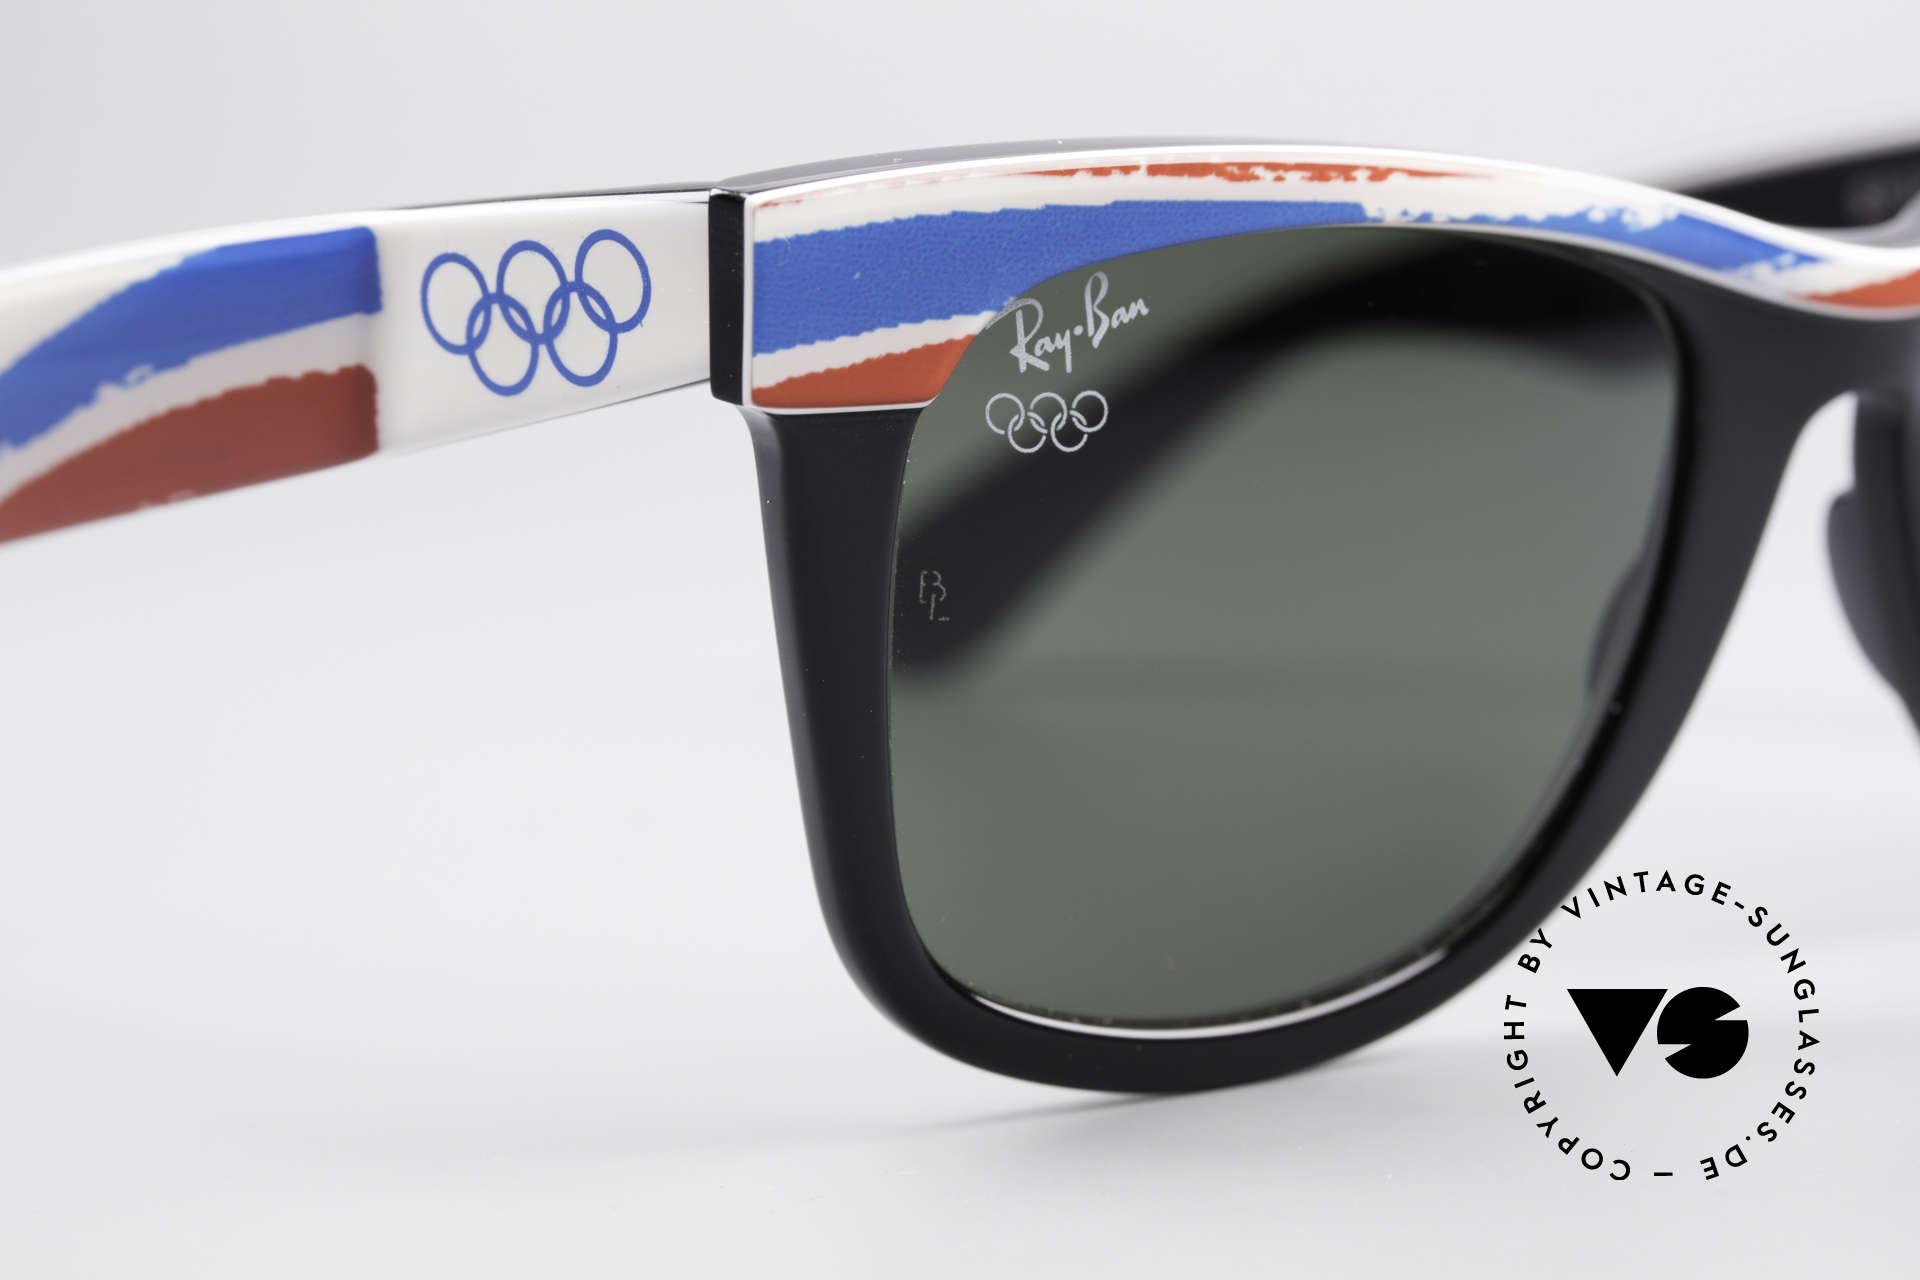 Ray Ban Wayfarer I Olympia 1992 Albertville, KEINE retro Sonnenbrille, 100% vintage ORIGINAL, Passend für Herren und Damen